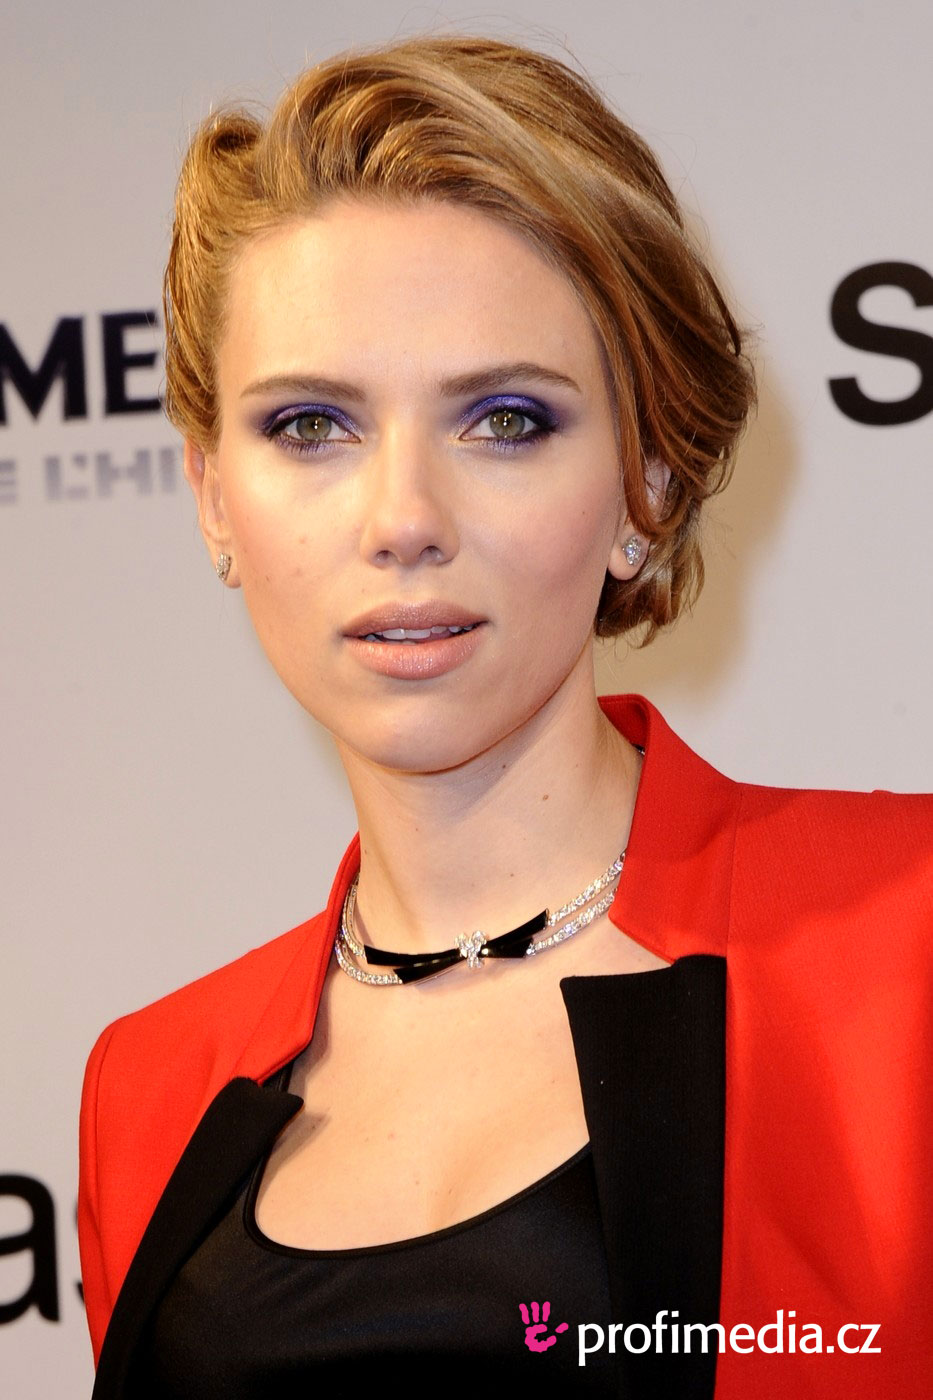 Scarlett Johansson Hairstyle Easyhairstyler